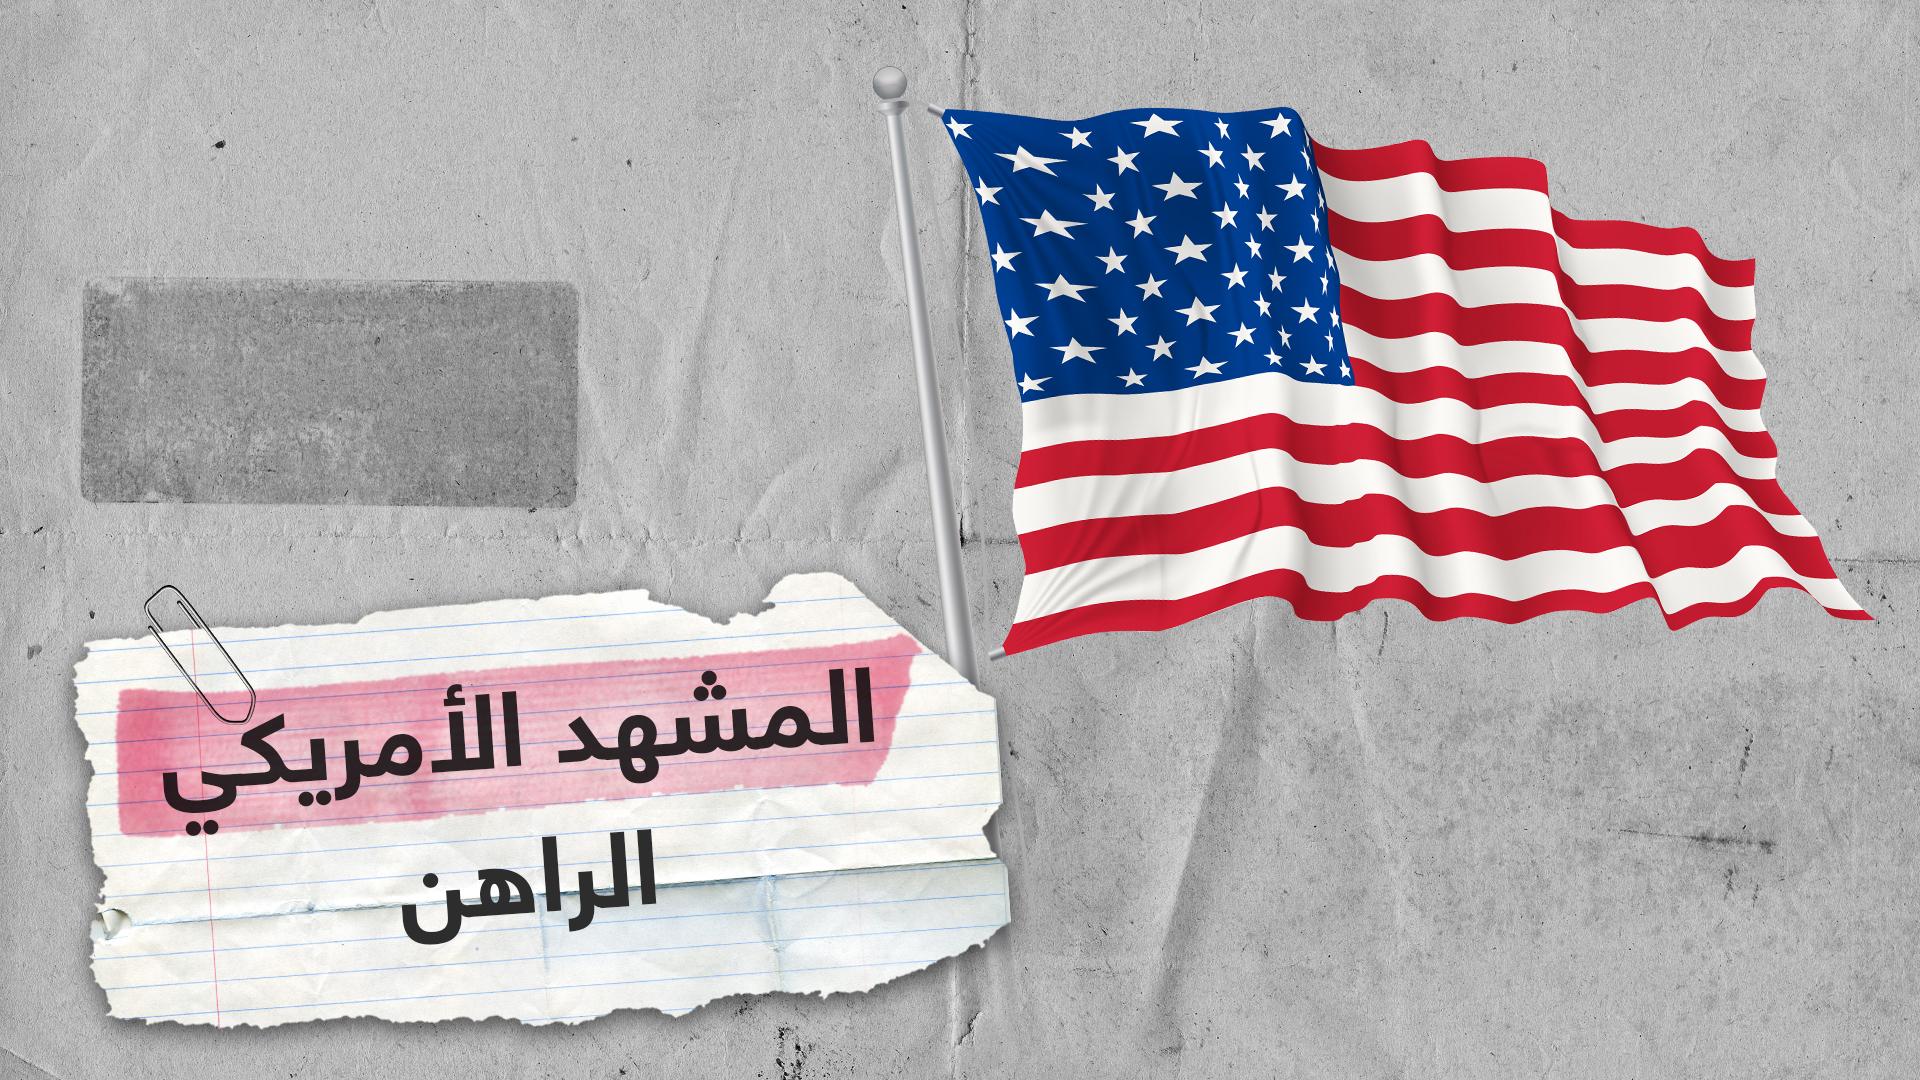 المشهد الأمريكي الراهن وآفاق المصالحة الاجتماعية